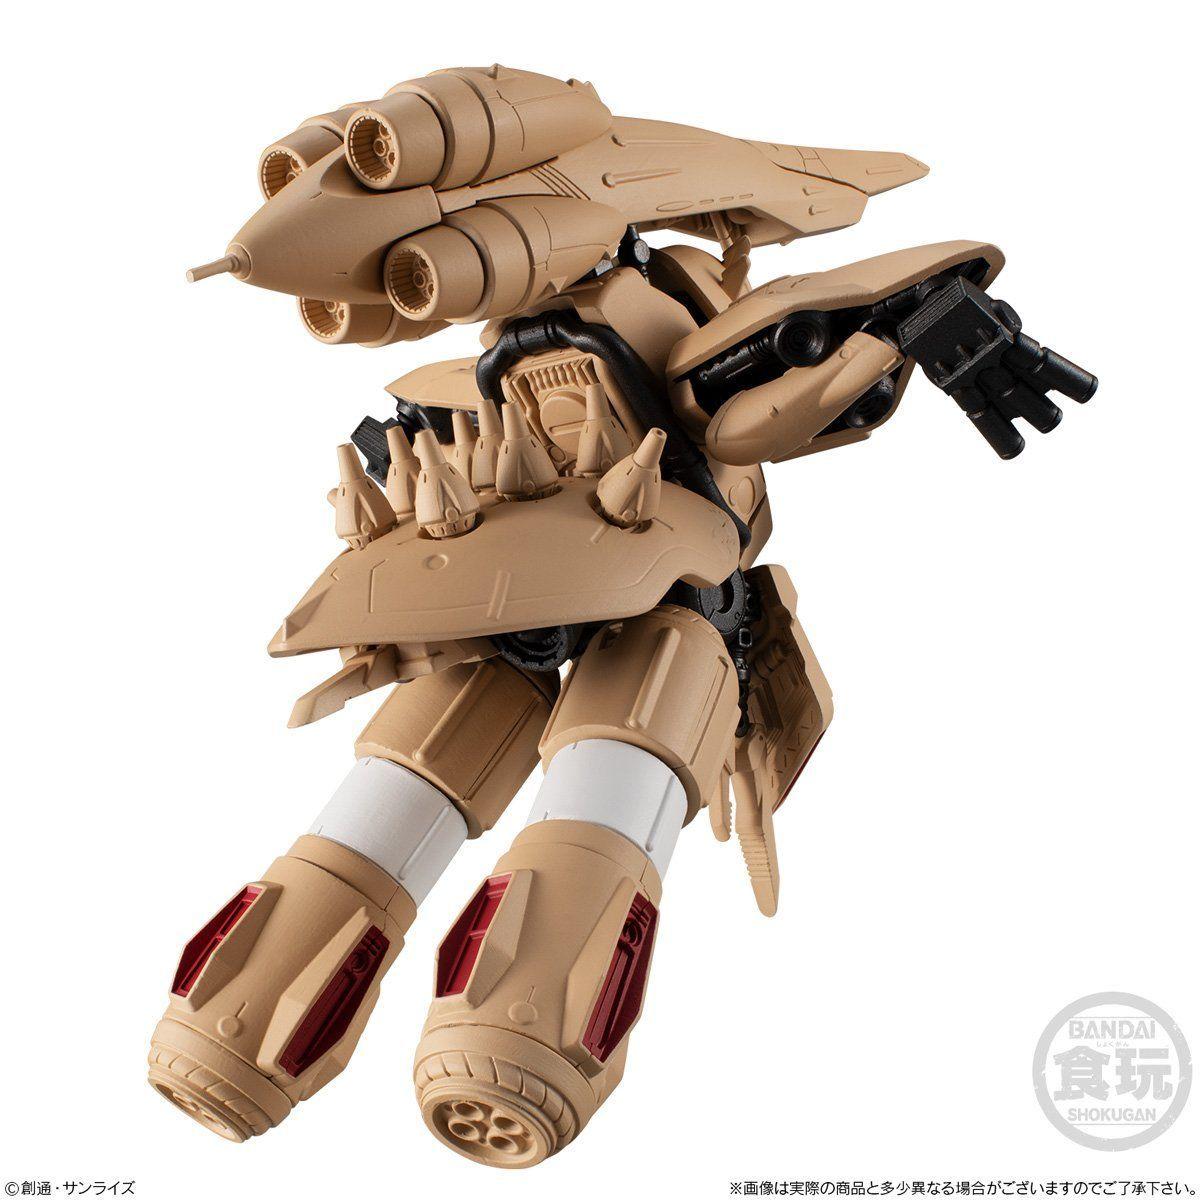 【食玩】FWコンバージ『FW GUNDAM CONVERGE EX33 α・アジール』機動戦士ガンダム 逆襲のシャア デフォルメ可動フィギュア-006